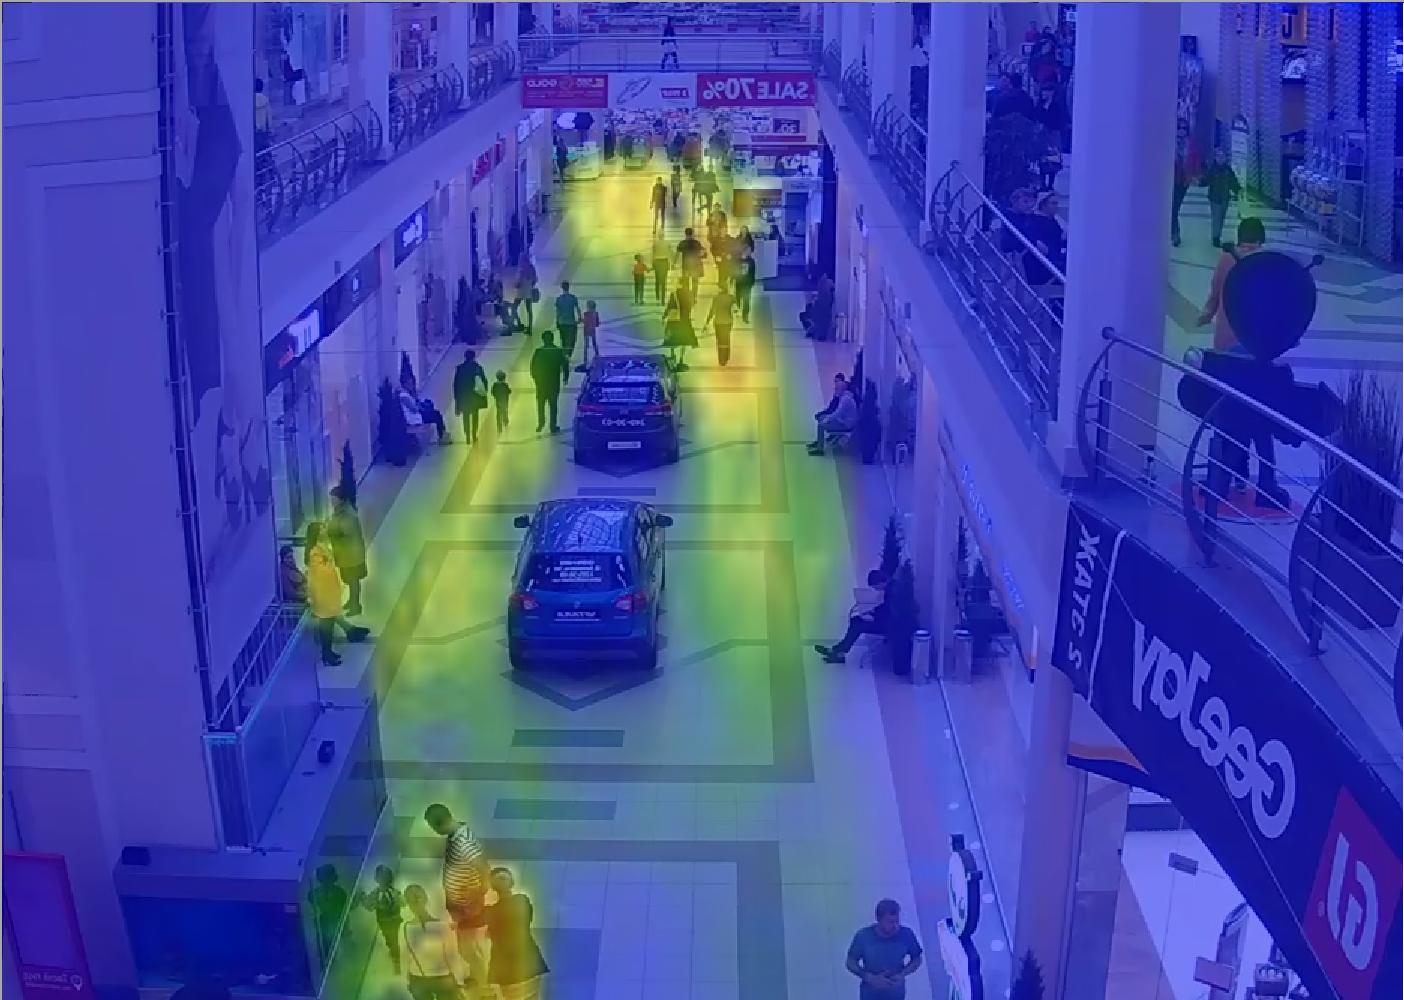 Чому розробники відеоспостереження люблять рітейл більше, ніж виробництво?